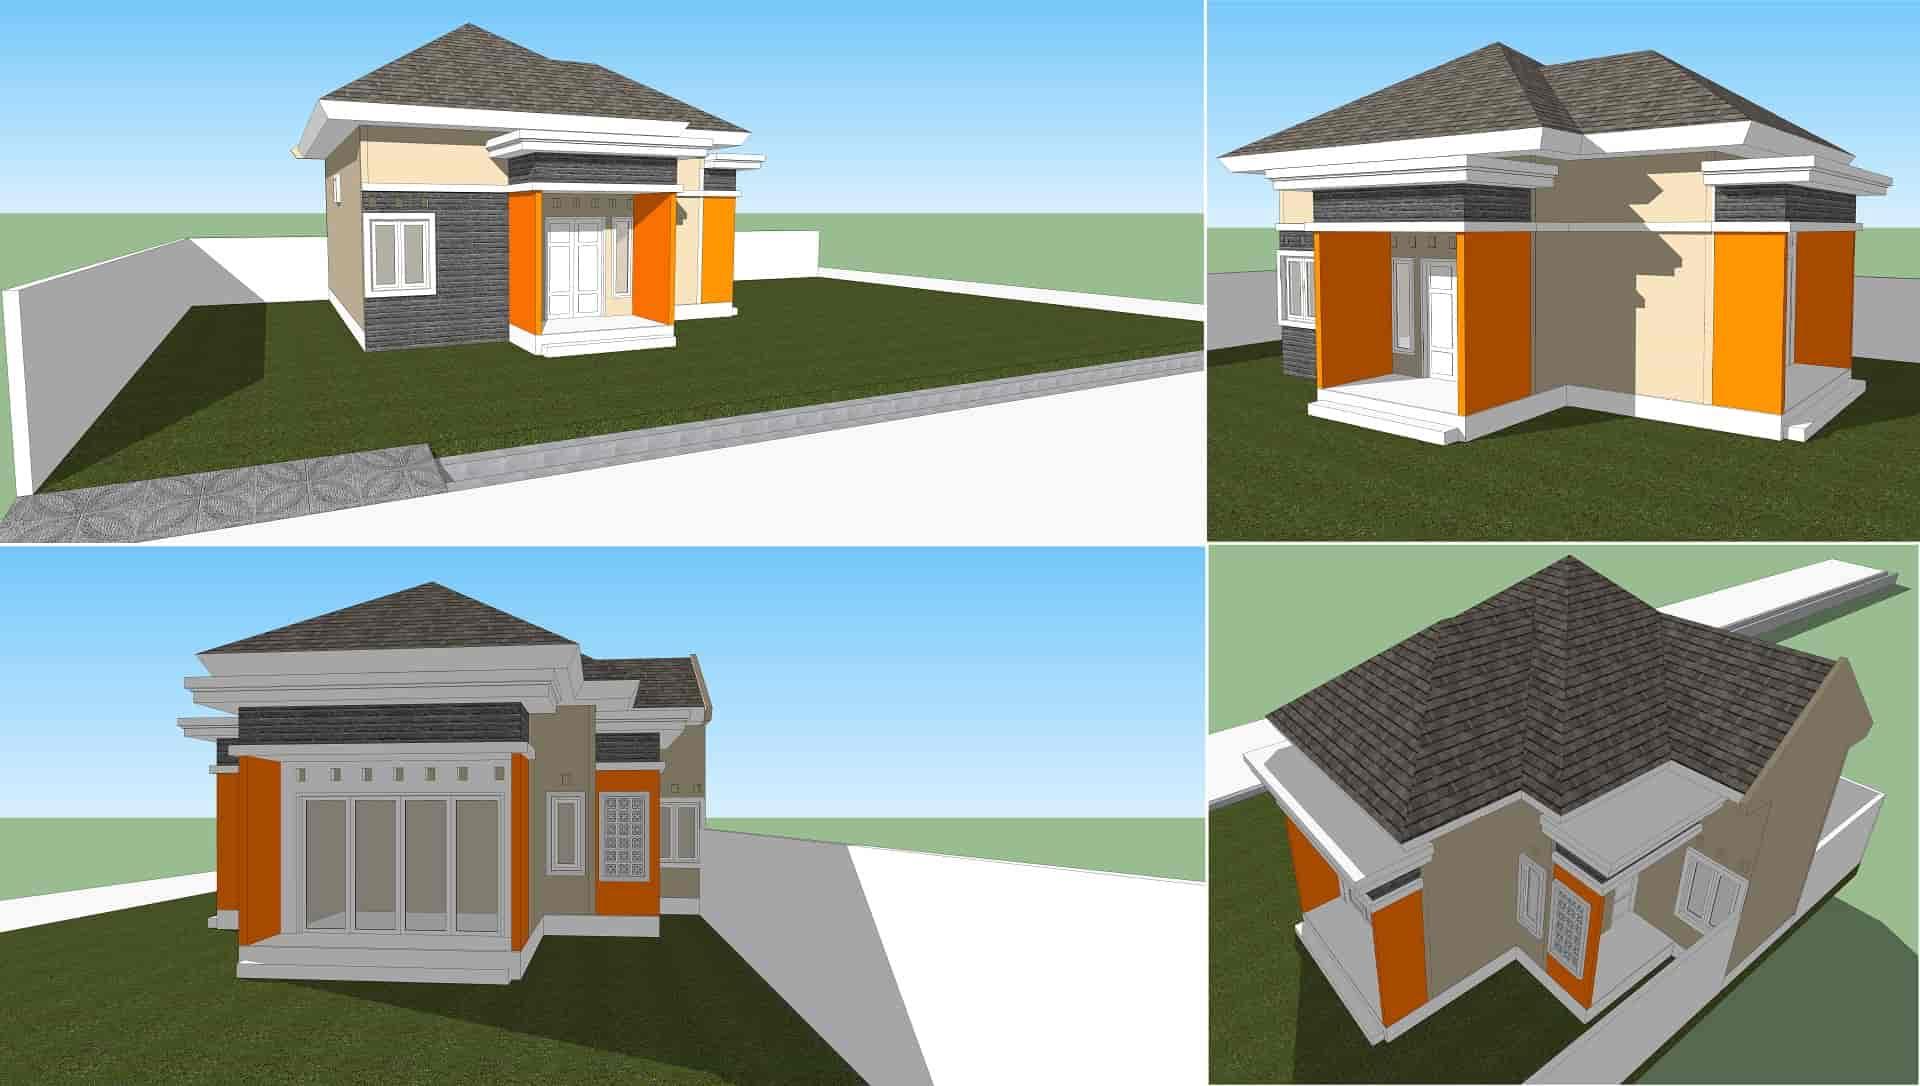 Rumah Minimalis 3 Kamar Tidur Dwg Autocad Lengkap Dengan Rab Asdar Id